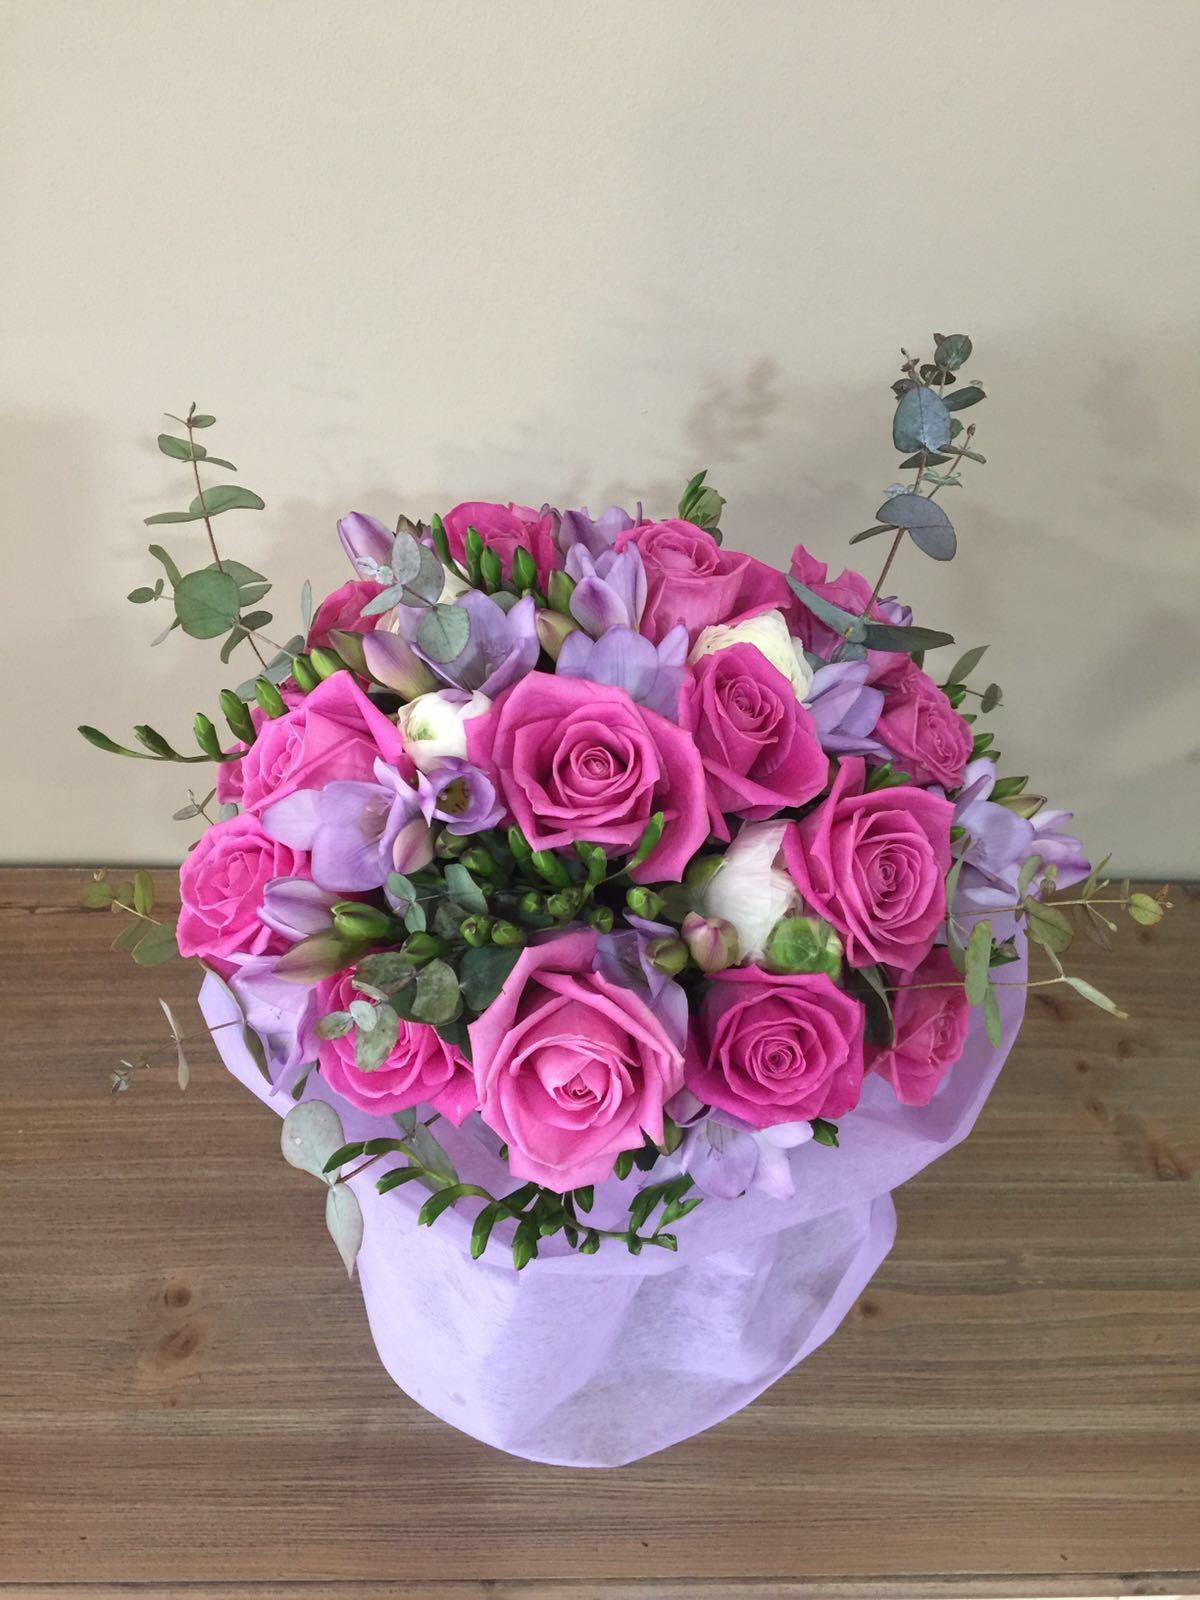 Pin De Les Flors De Nuria En Ramos Fresias Rosas Y Arreglos De